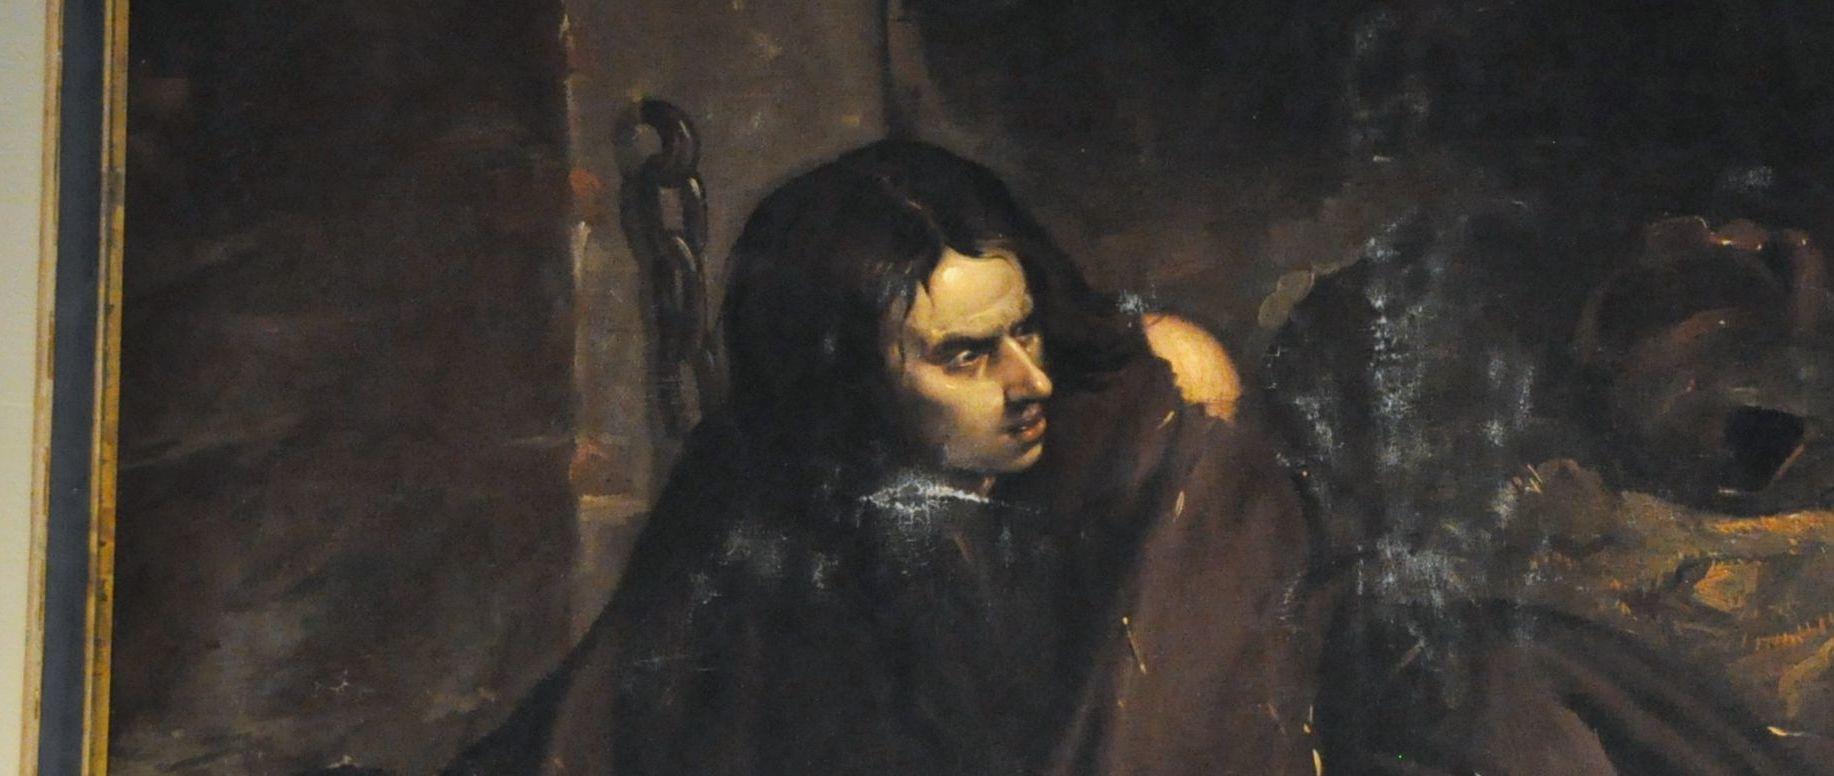 Olite.Hoy se celebra el VI centenario del nacimiento del Principe de Viana.